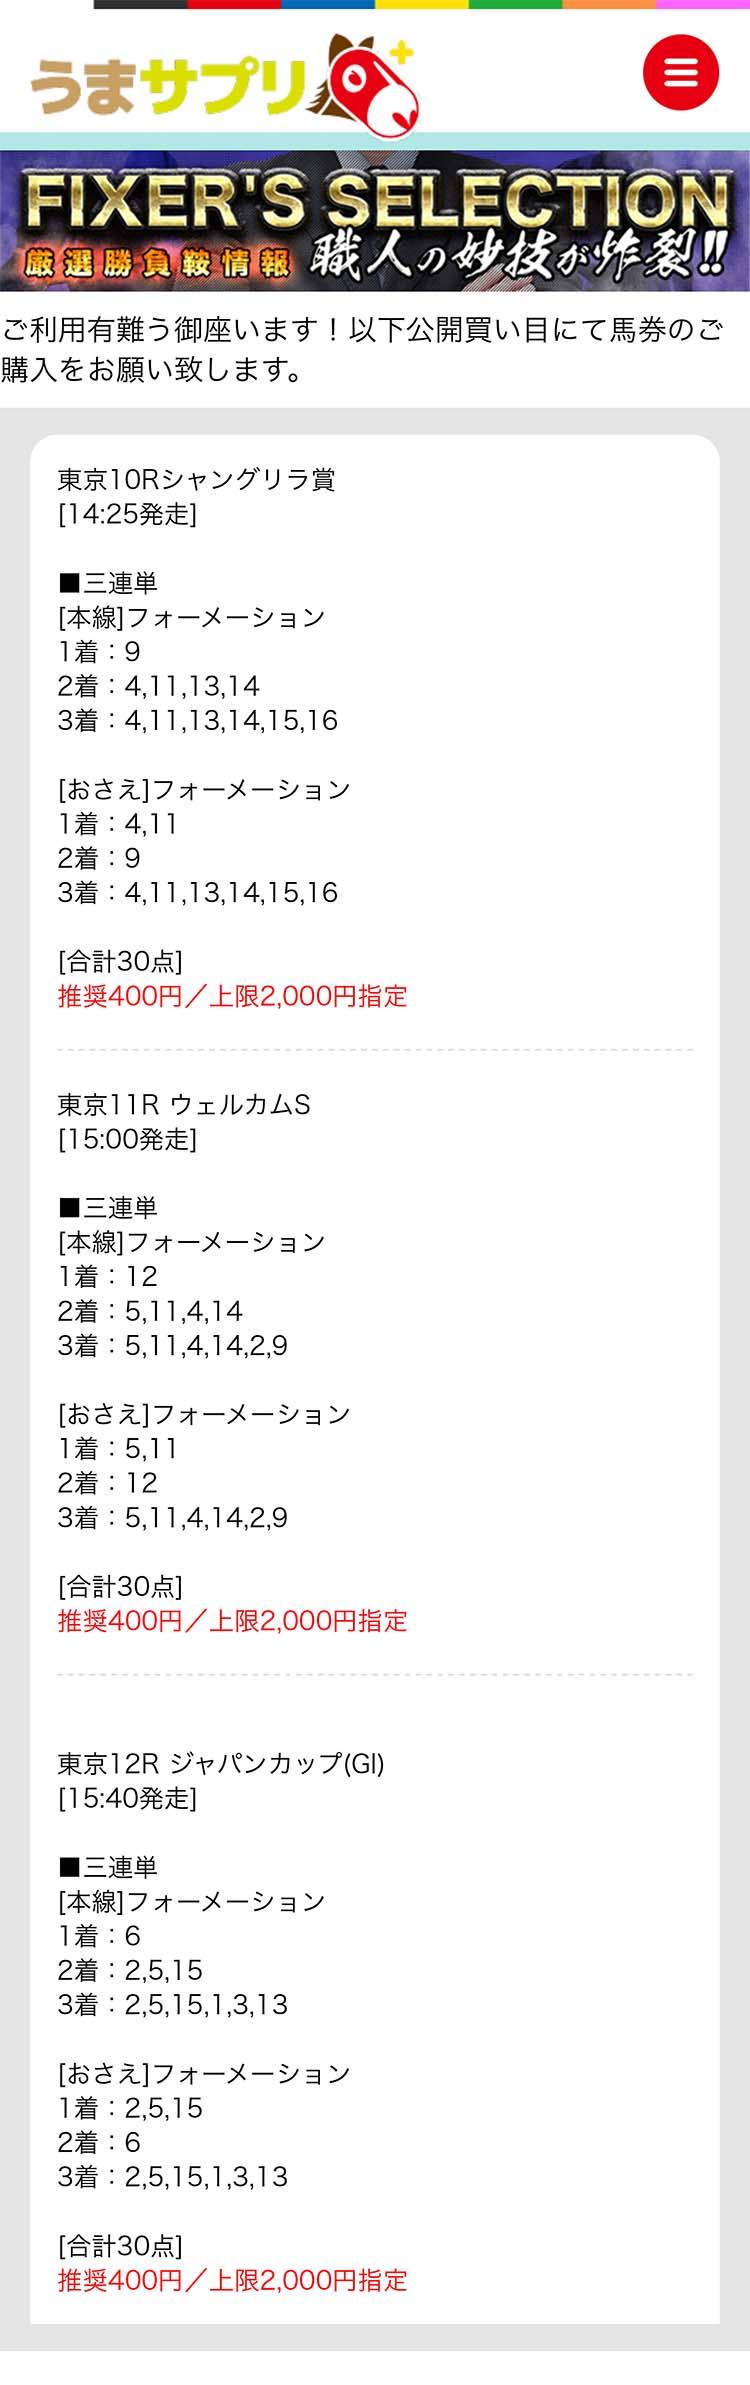 うまサプリFIXER'S SELECTION東京